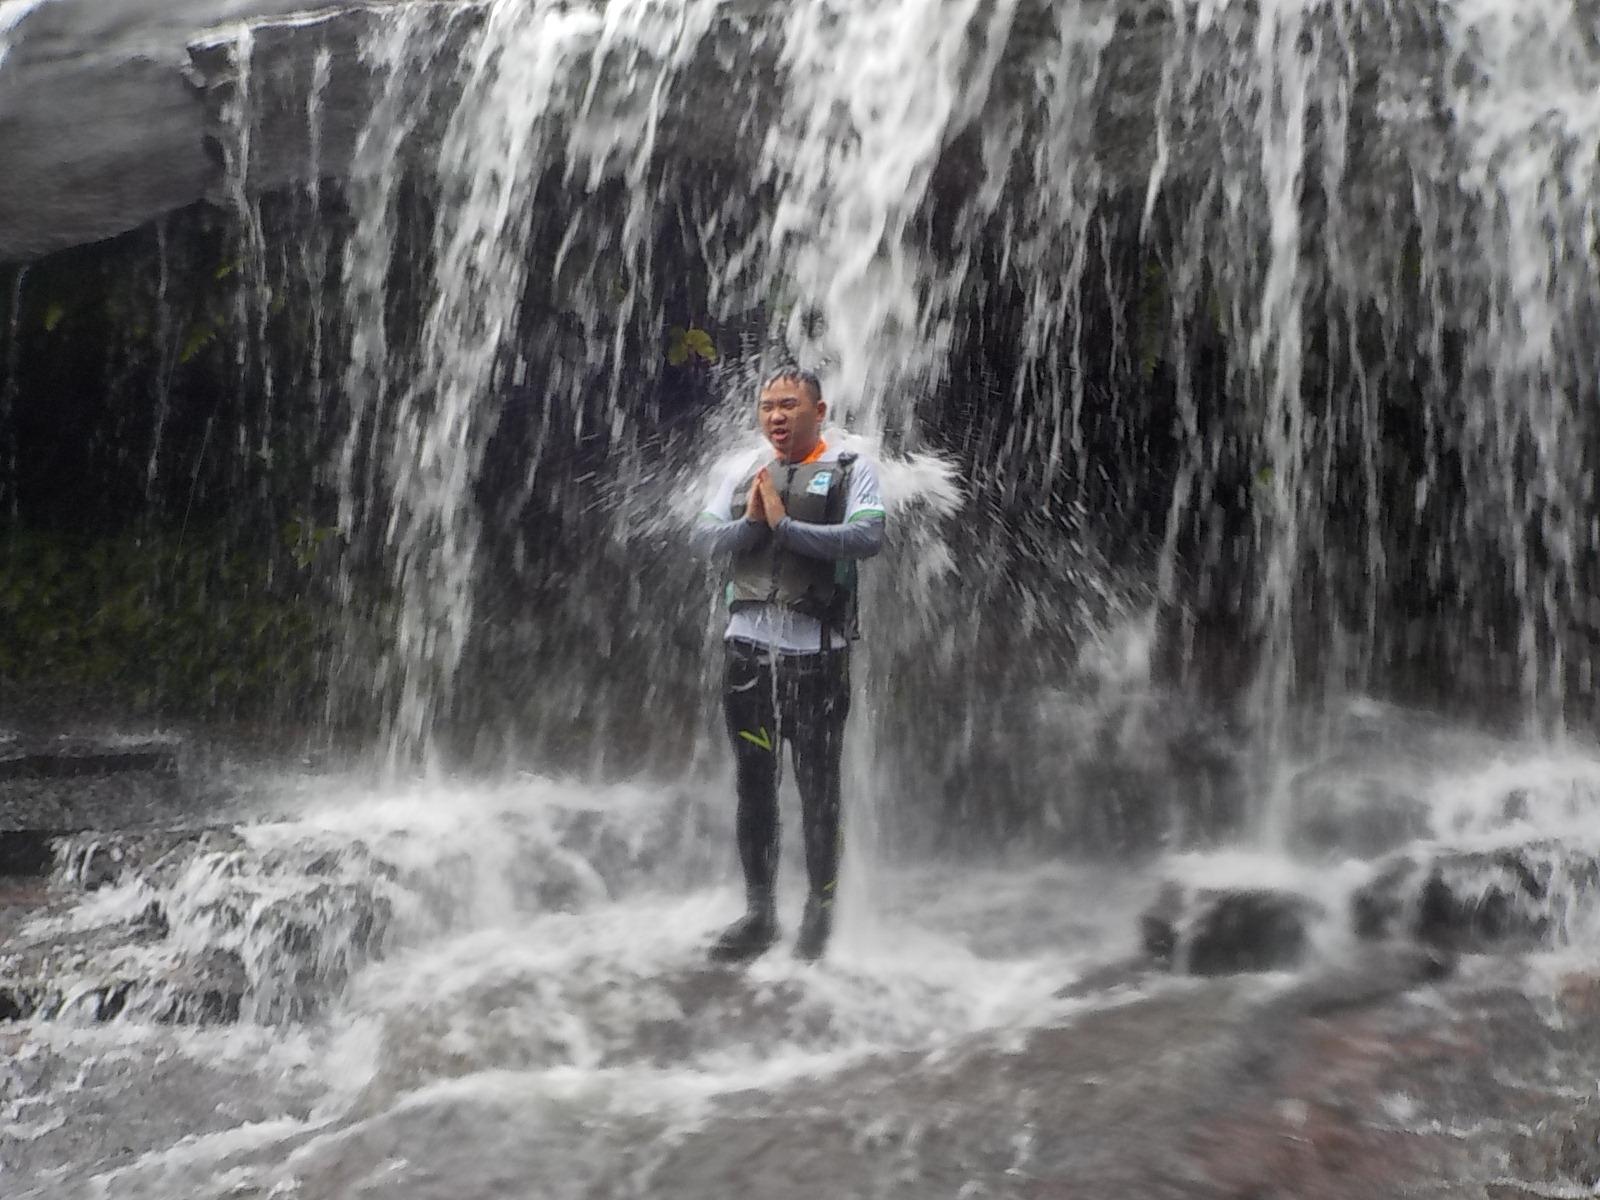 あいにくの雨でしたが、おもいっきり楽しみました!!